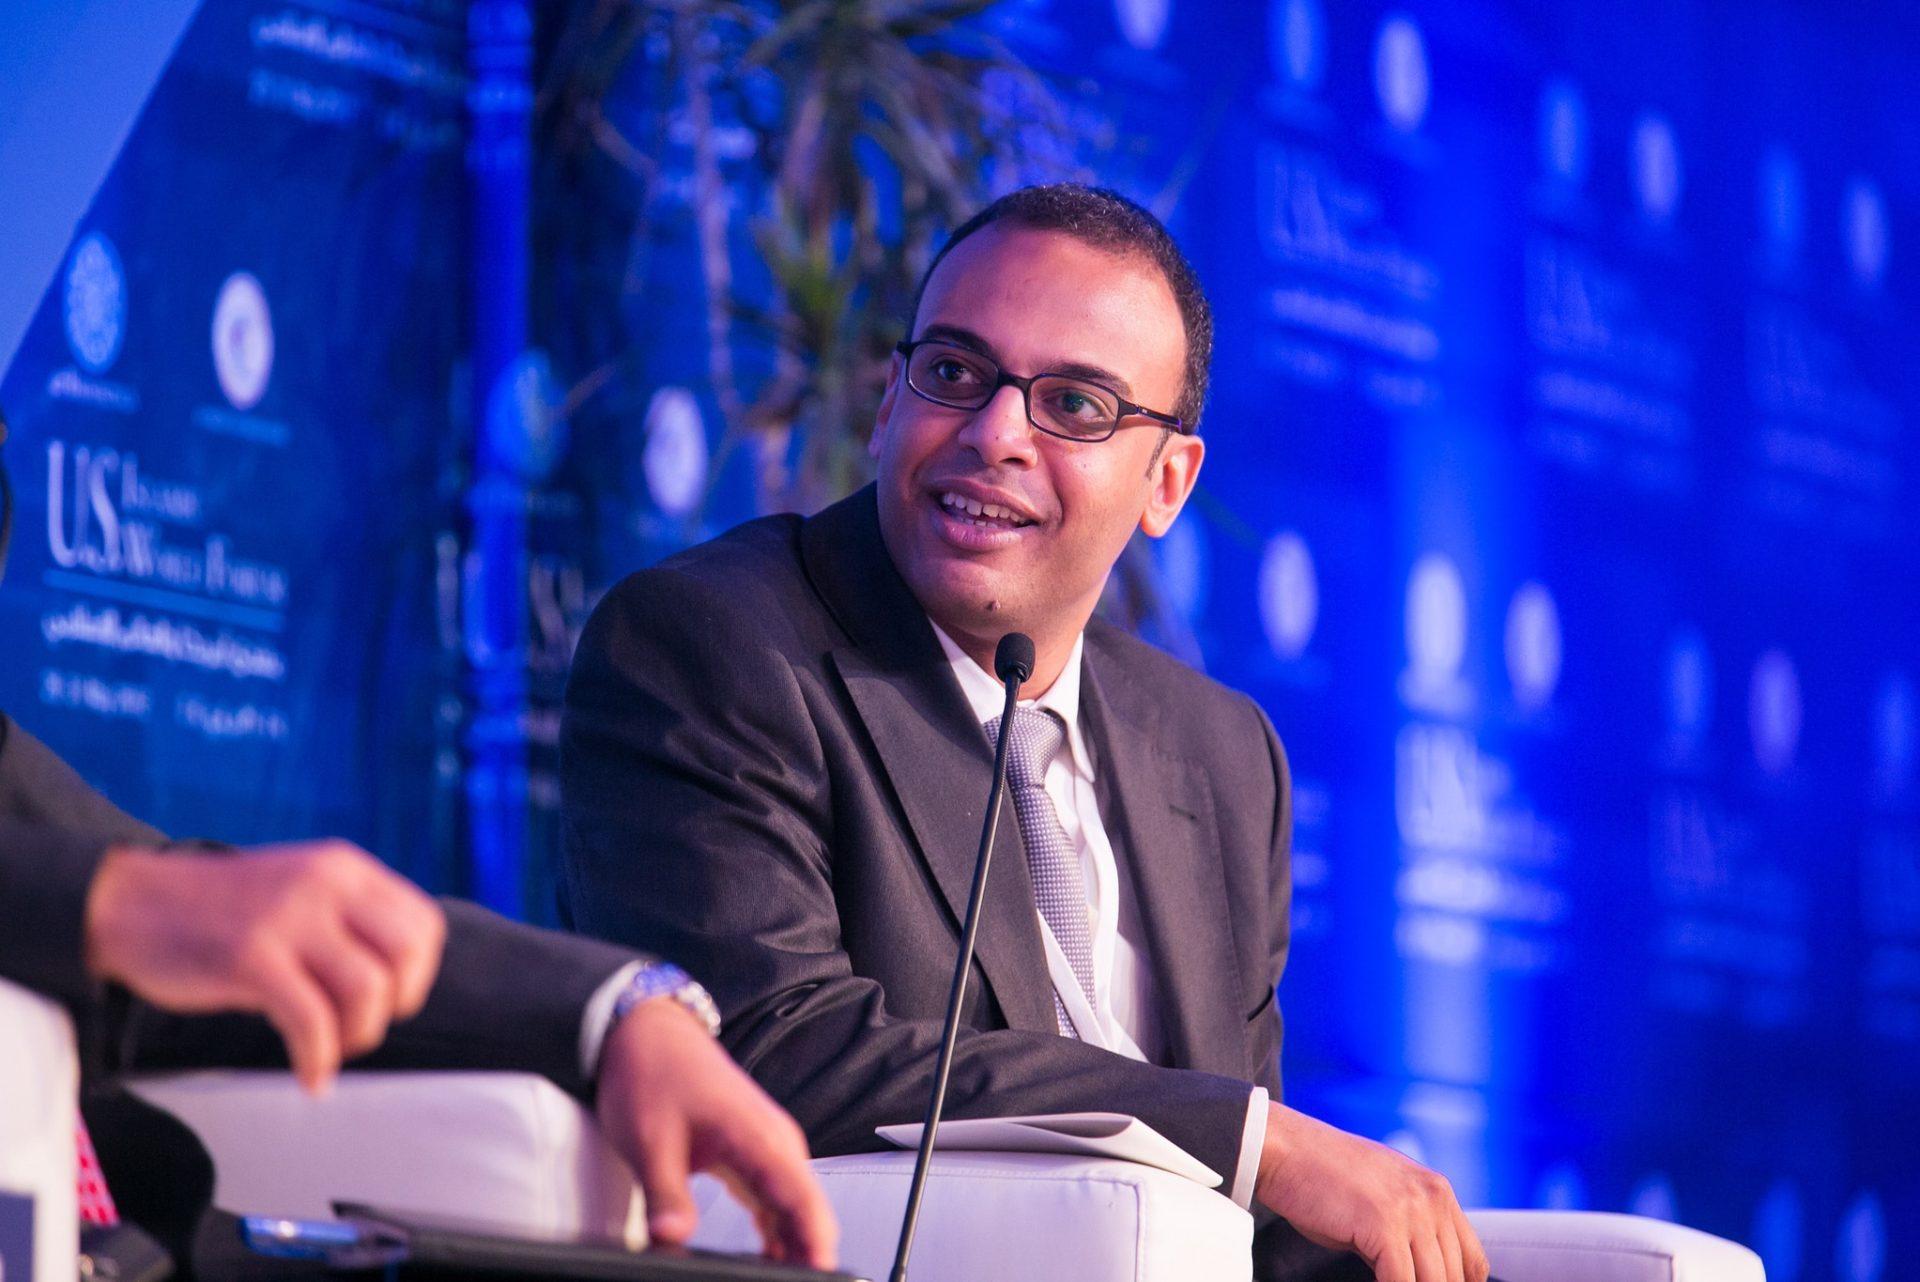 صحافي مصري يكشف تفاصيل التعليمات التي أرسلتها مخابرات السيسي إلى رؤساء التحرير بخصوص كيفية تغطية صفقة القرن